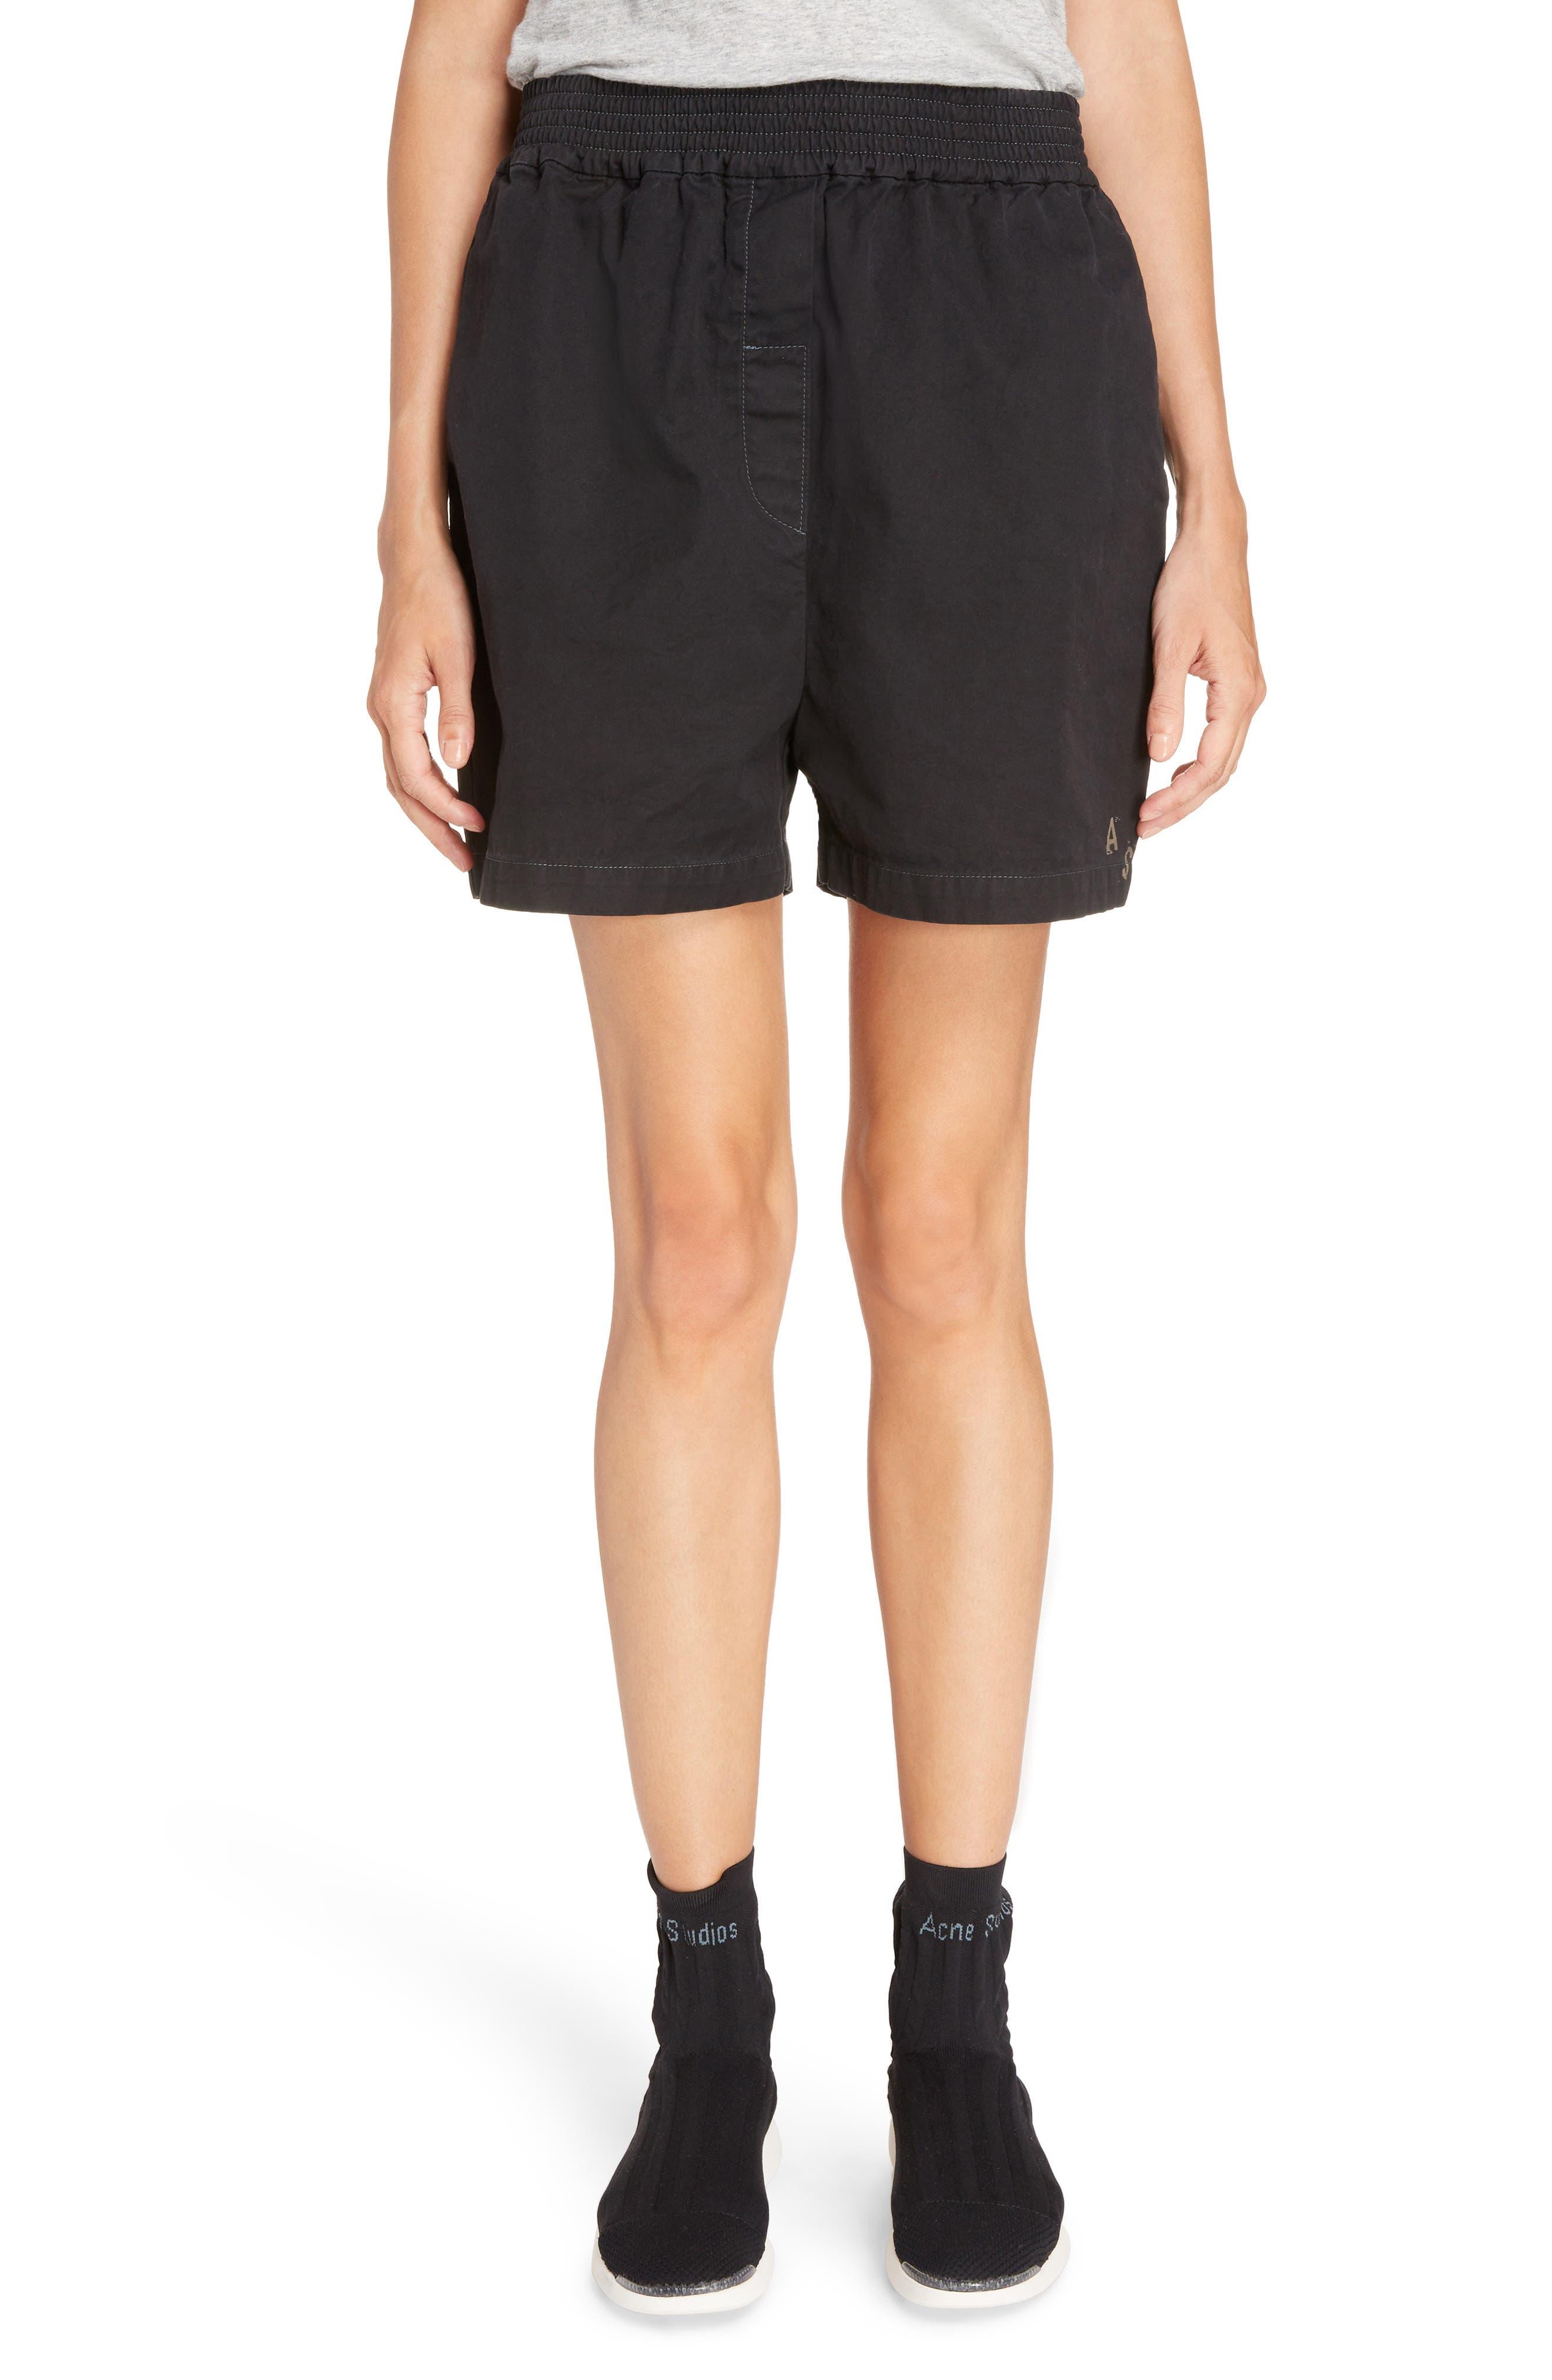 Marit Chino Shorts,                         Main,                         color, 001